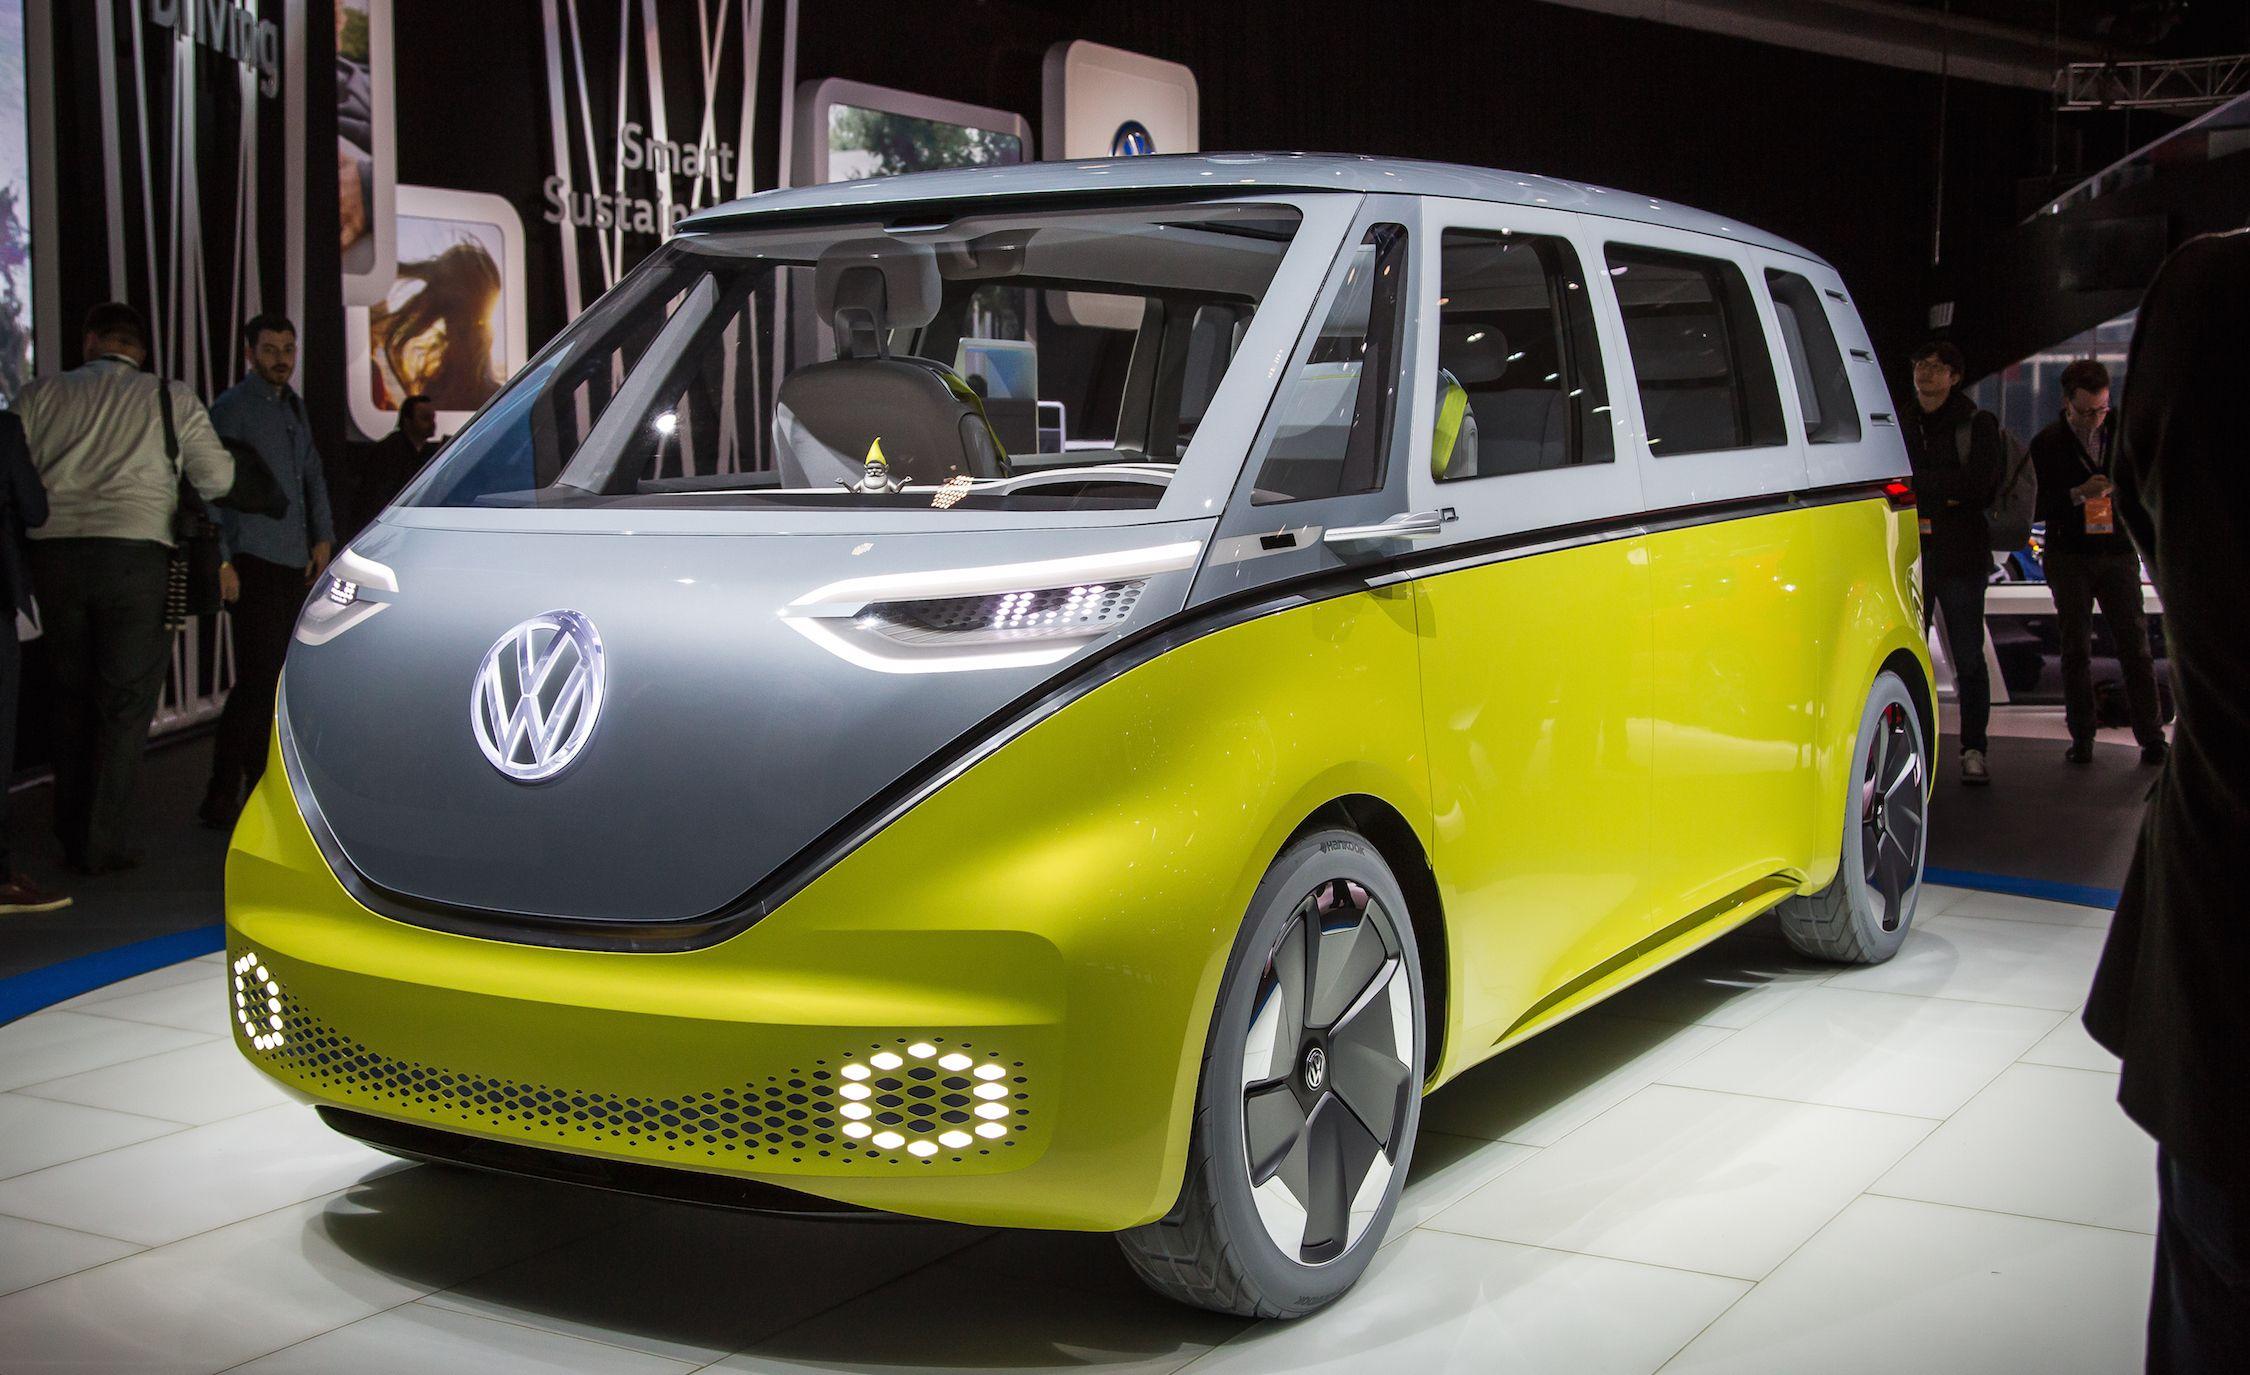 Компания Volkswagen ранее представила прототип электрического микроавтобуса на платформе MEB под названием I.D. Buzz, но недавно зарегистрировала обозначение e-Samba. Вероятно, так нарекут именно будущий электробус.